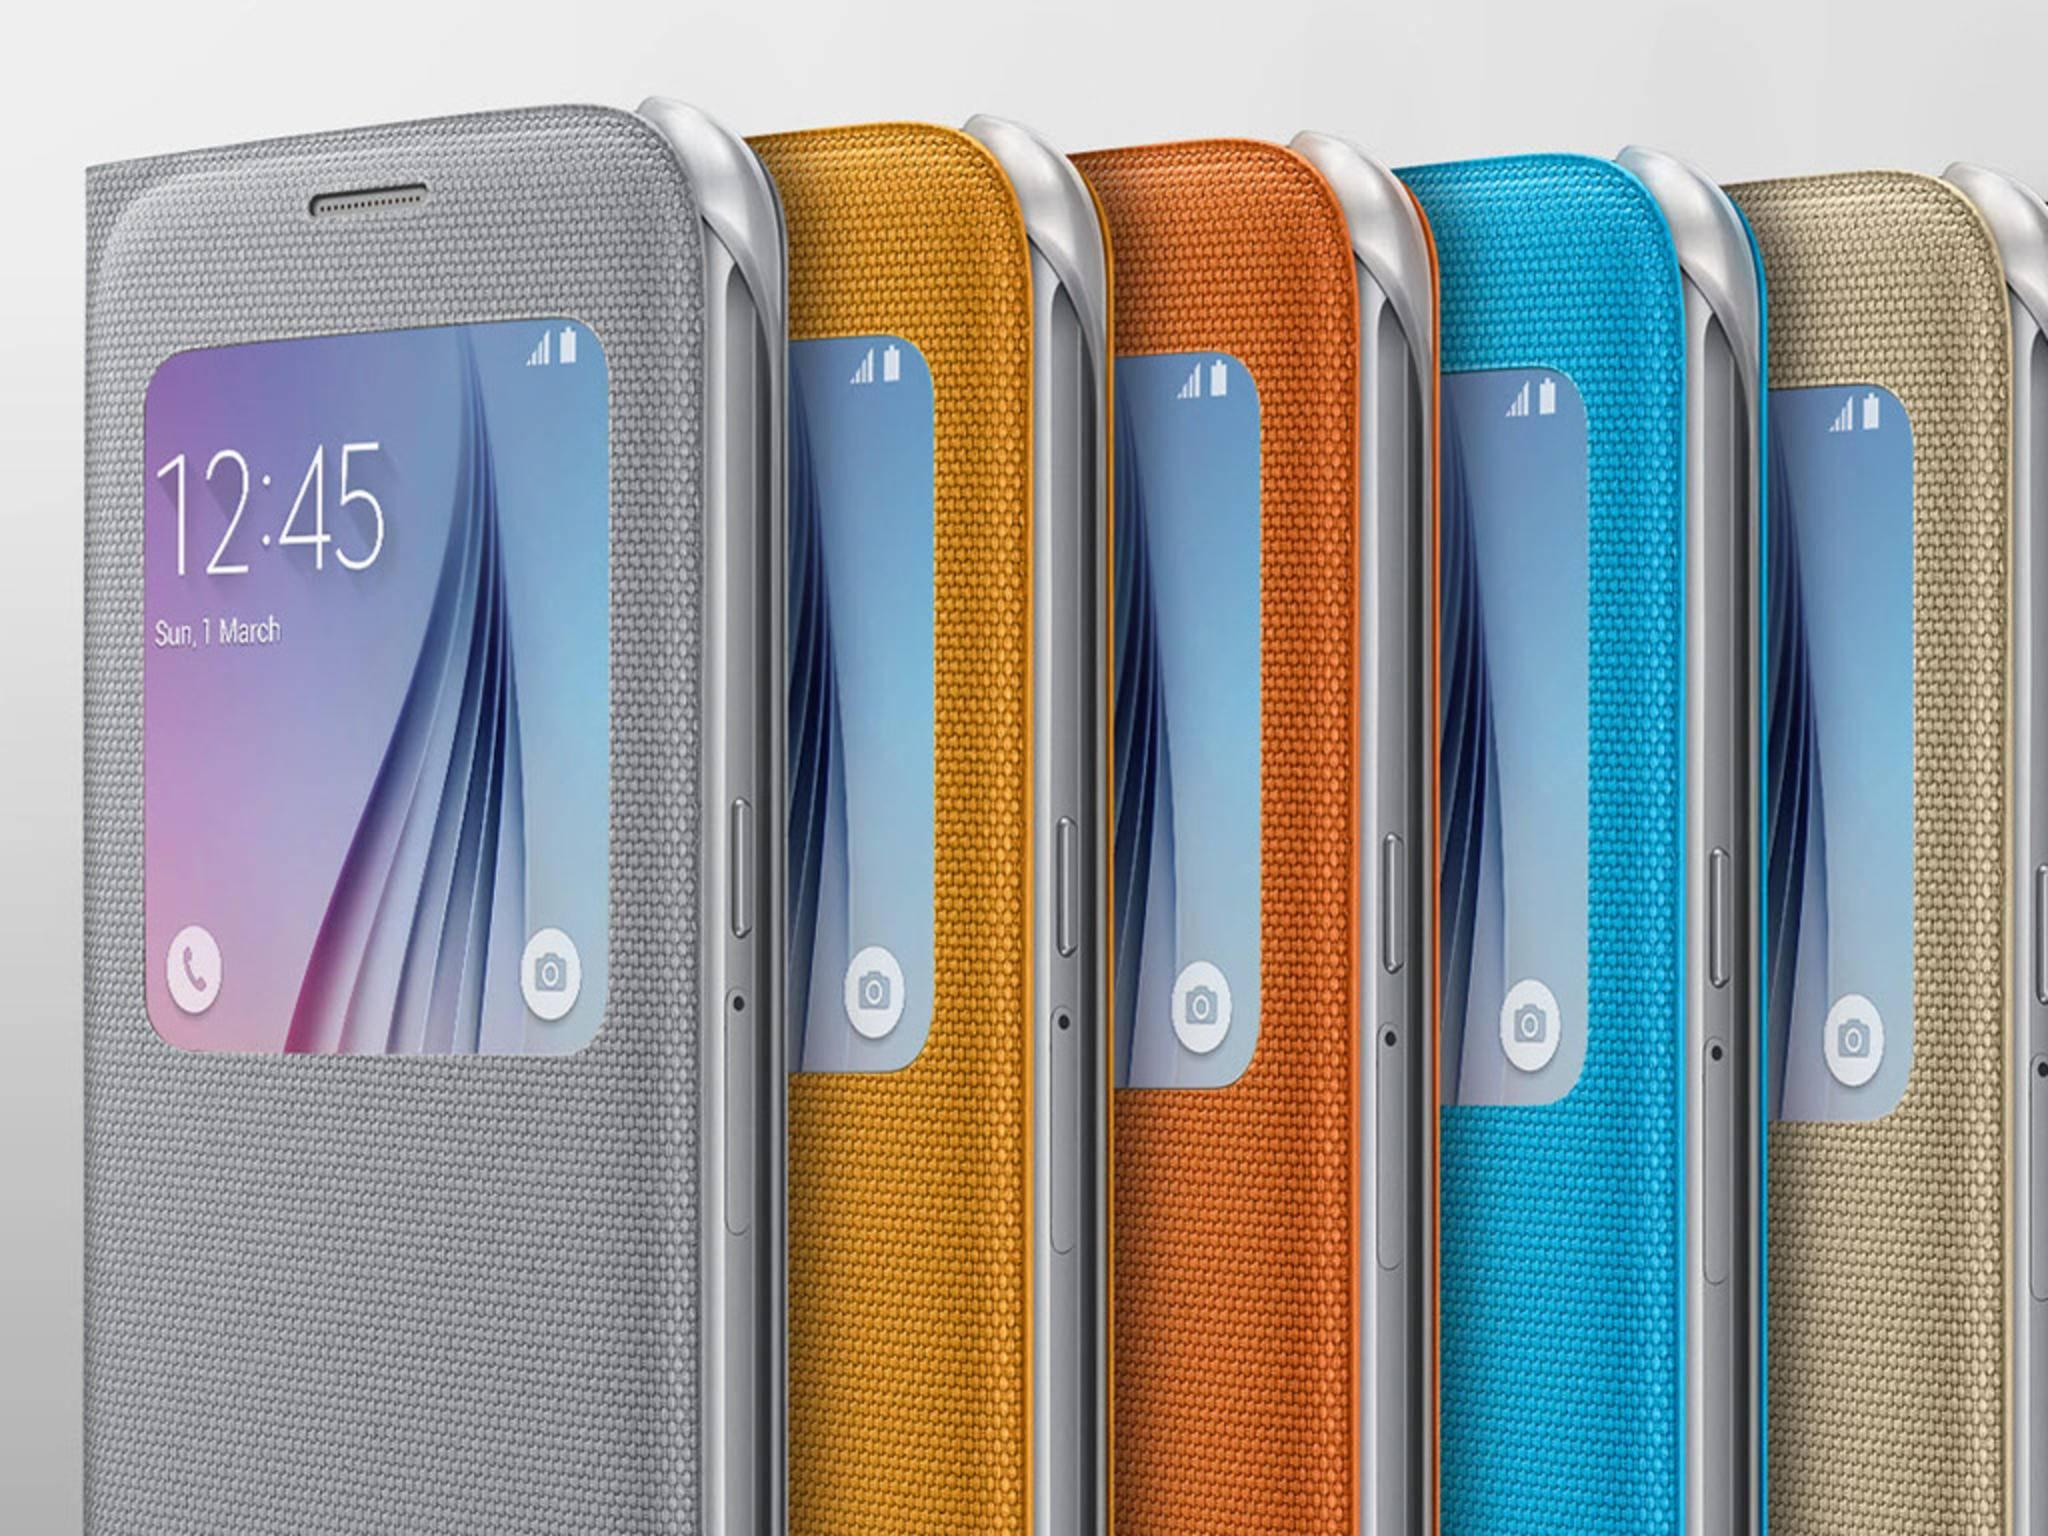 Die Samsung S-View-Schutzhüllen gibt es in unterschiedlichen Farben.